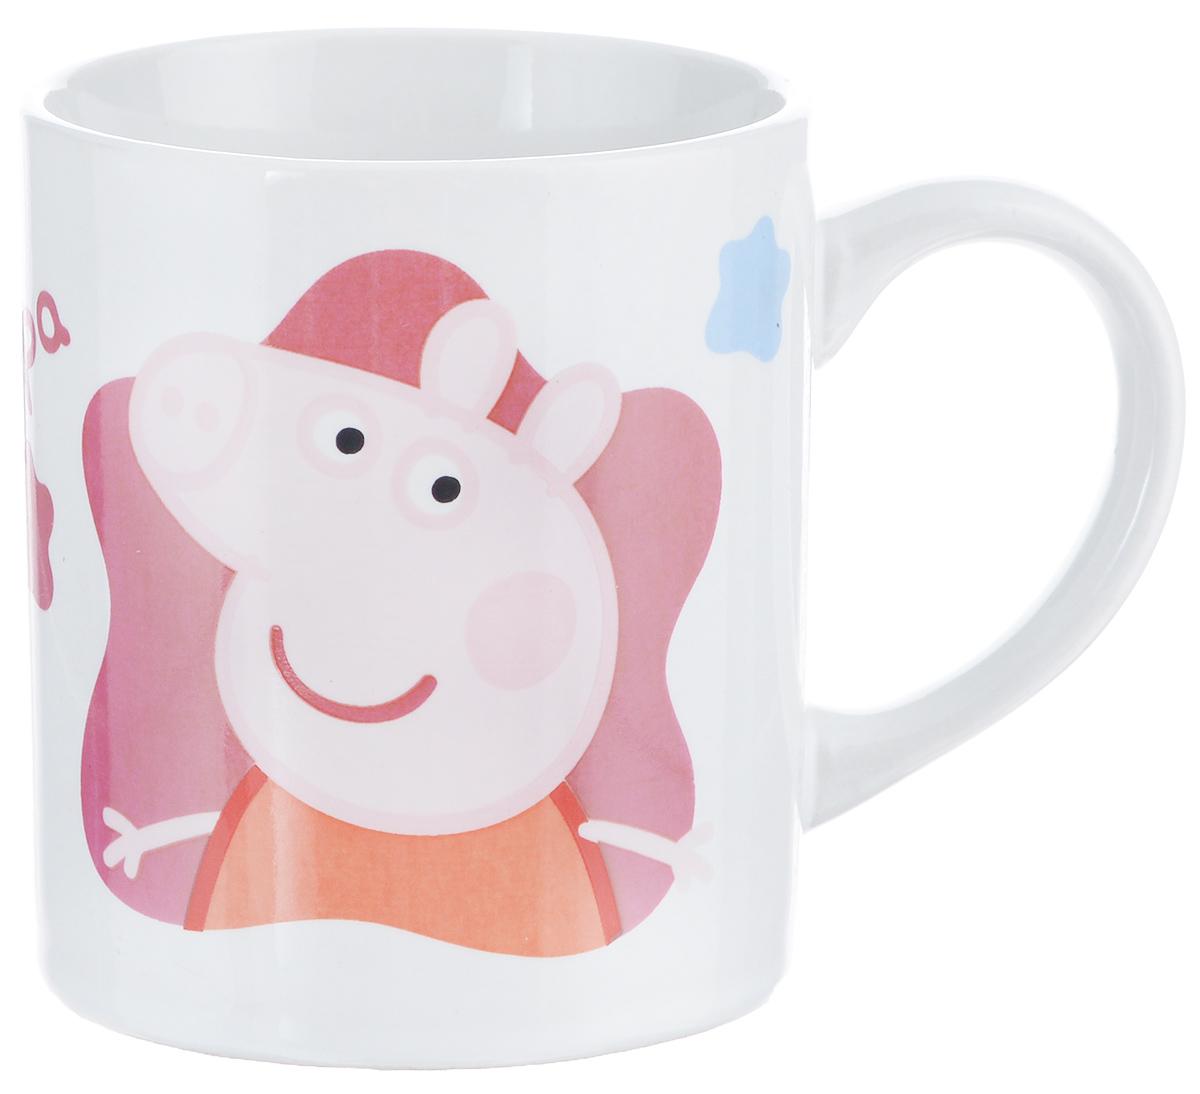 Кружка МФК-профит Peppa Pig, 210 мл72718Детская кружка Peppa Pig идеально подойдет для вашего малыша. Она выполнена из керамики белого цвета и оформлена ярким изображением героев из мультфильма Peppa Pig. Кружка дополнена удобной ручкой. Такой подарок станет не только приятным, но и практичным сувениром: кружка станет незаменимым атрибутом чаепития, а оригинальное оформление кружки добавит ярких эмоций в процессе чаепития.